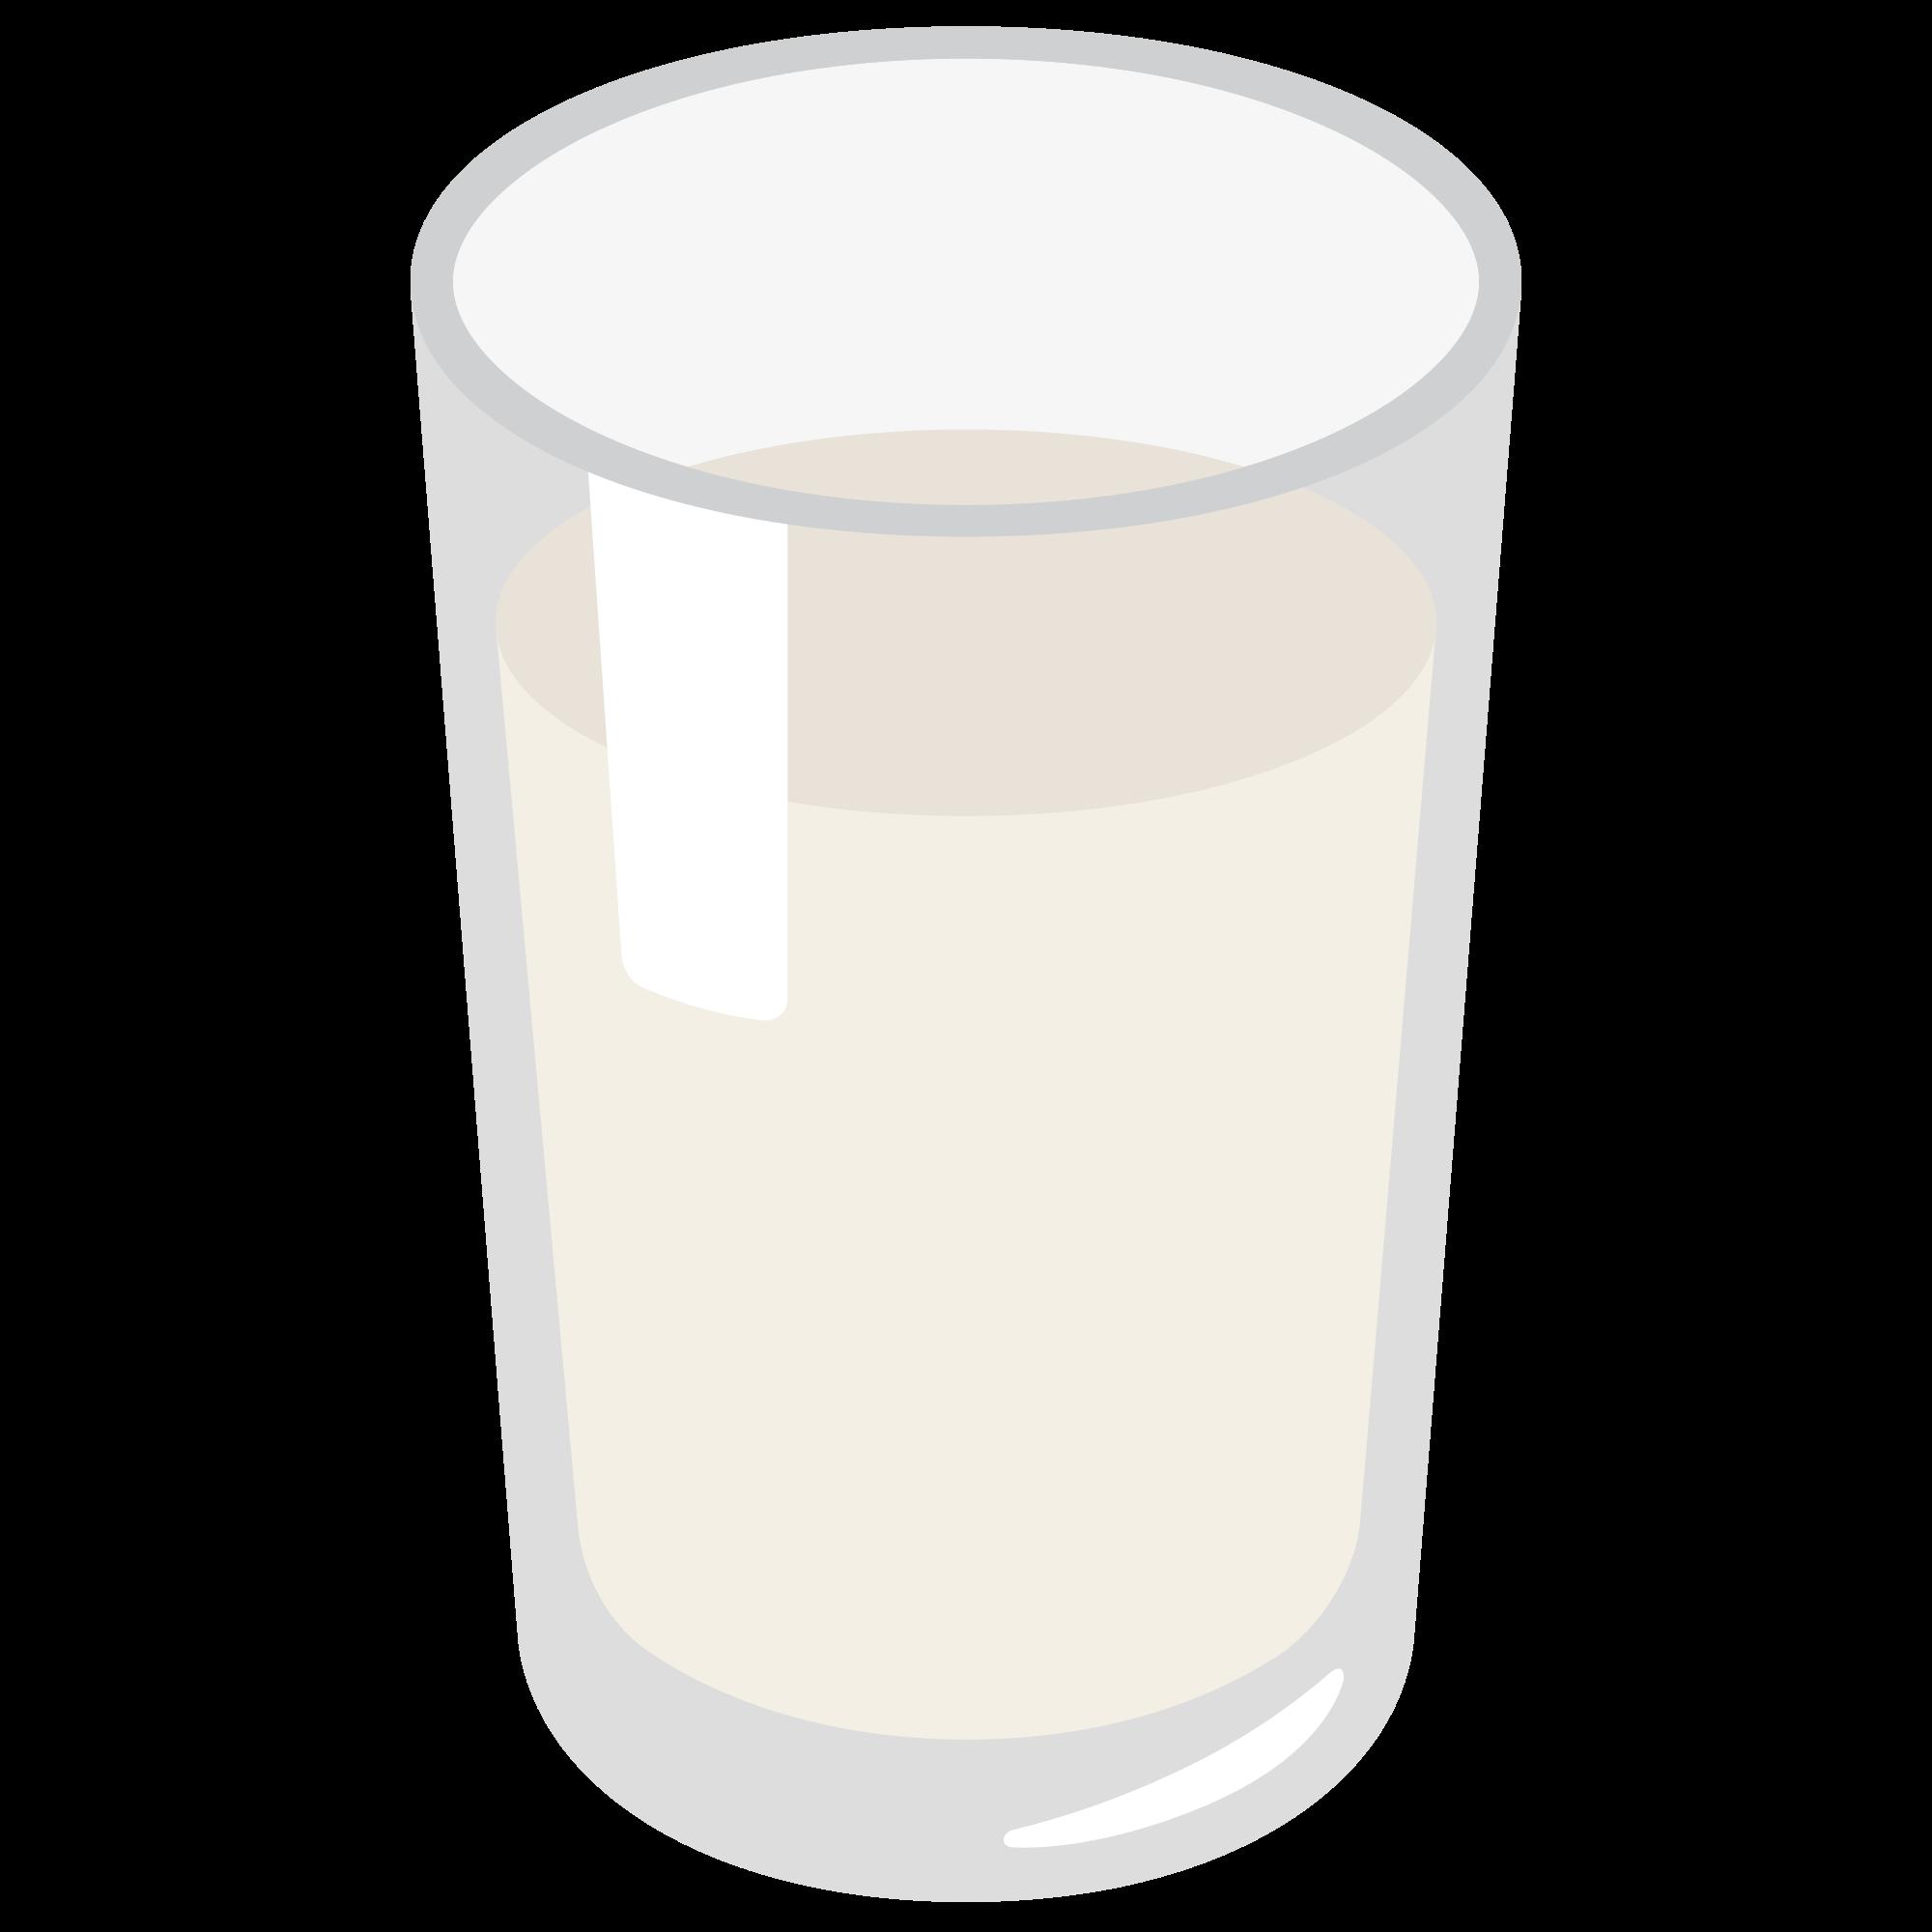 Cookie clipart glass milk. File emoji u f